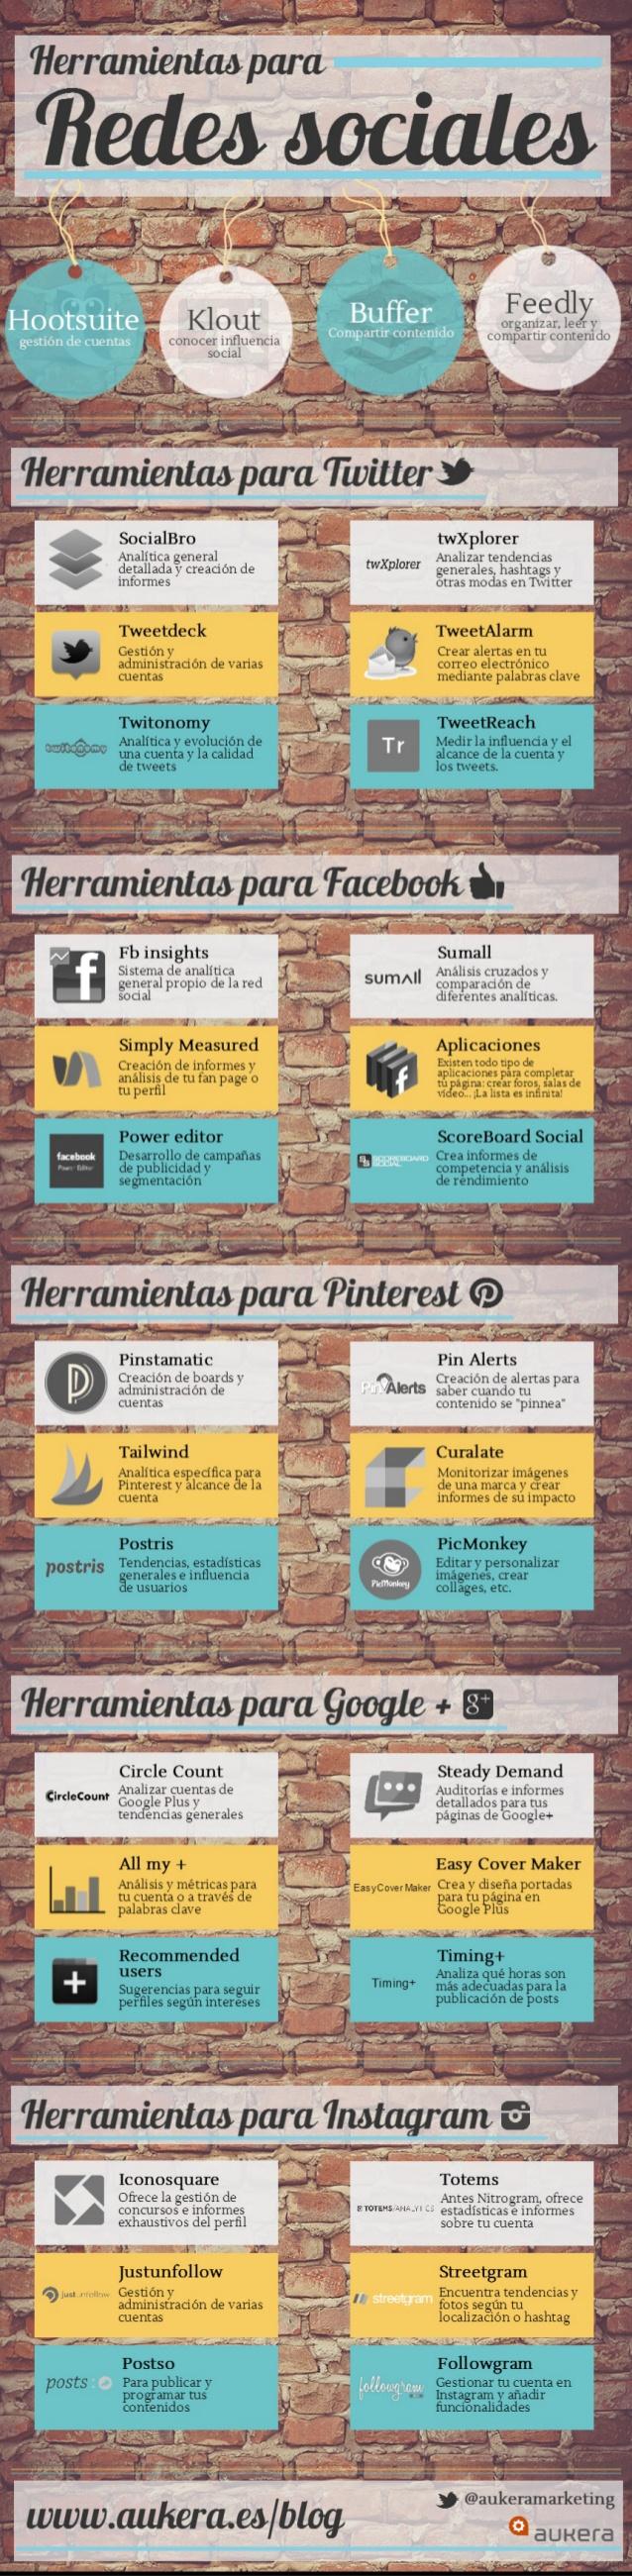 herramientas_redes_sociales